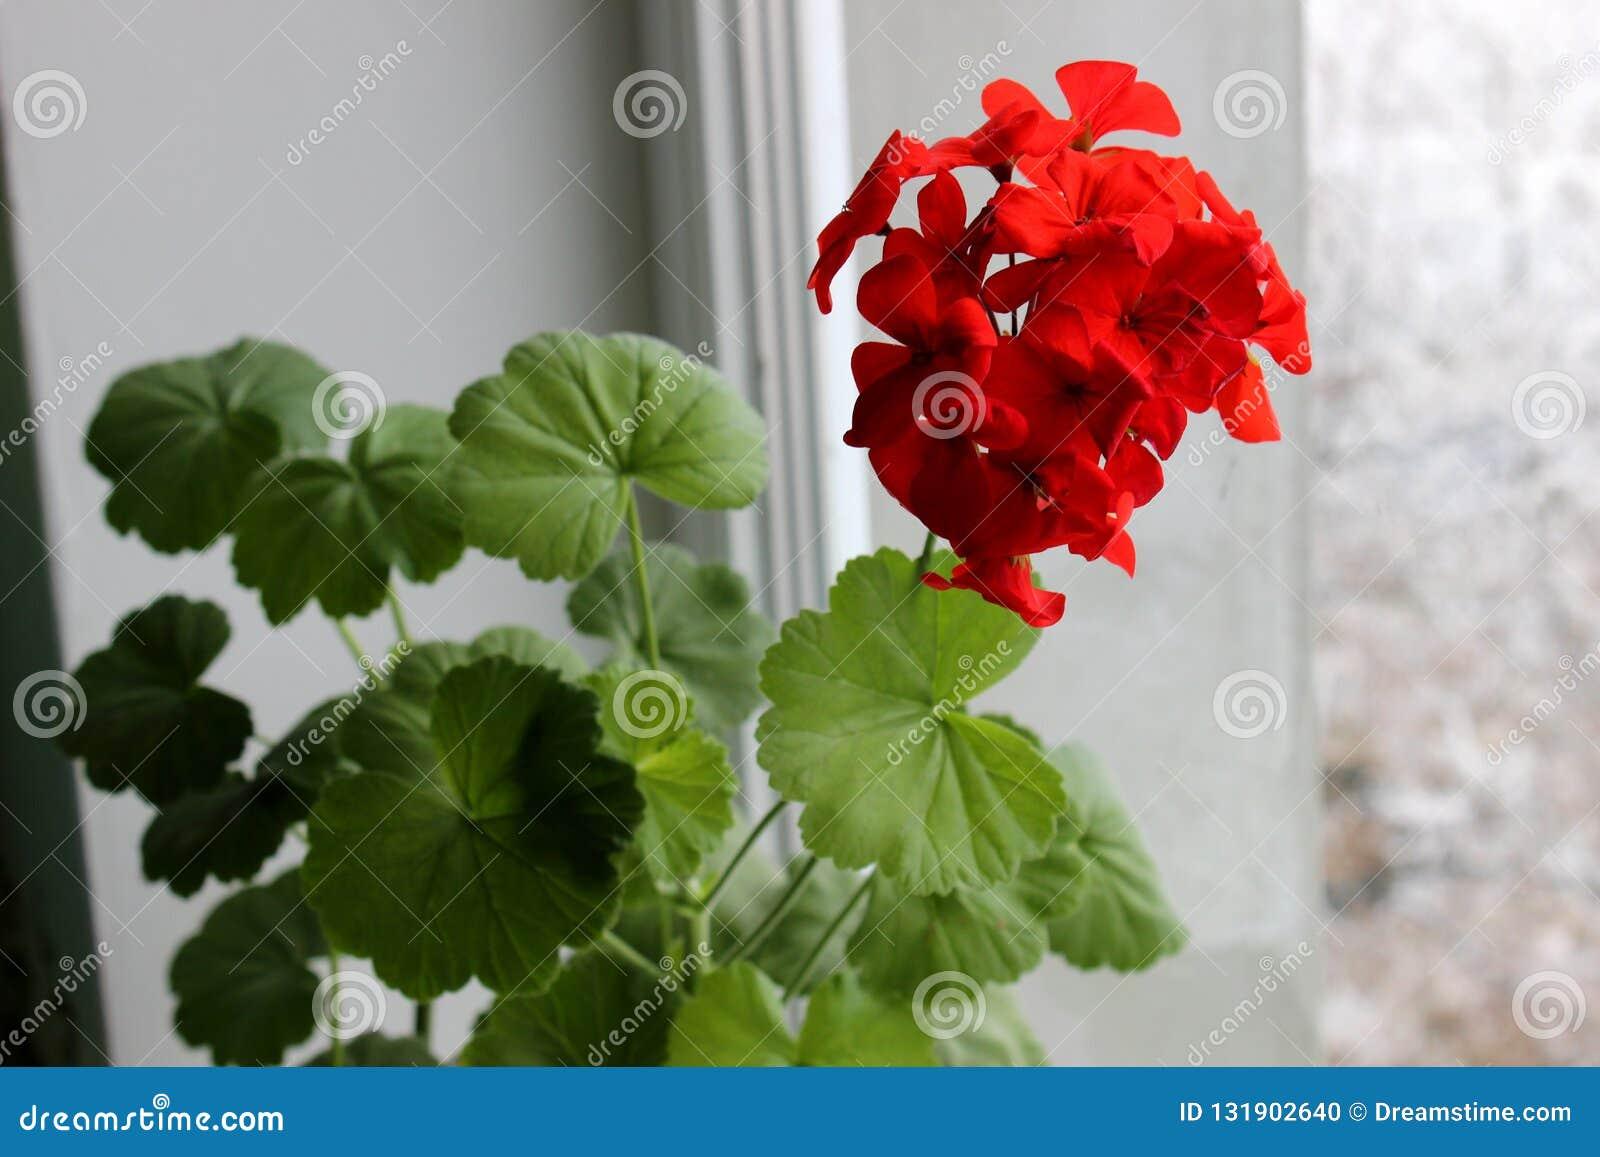 Onda muito bonita, brilhante da flor